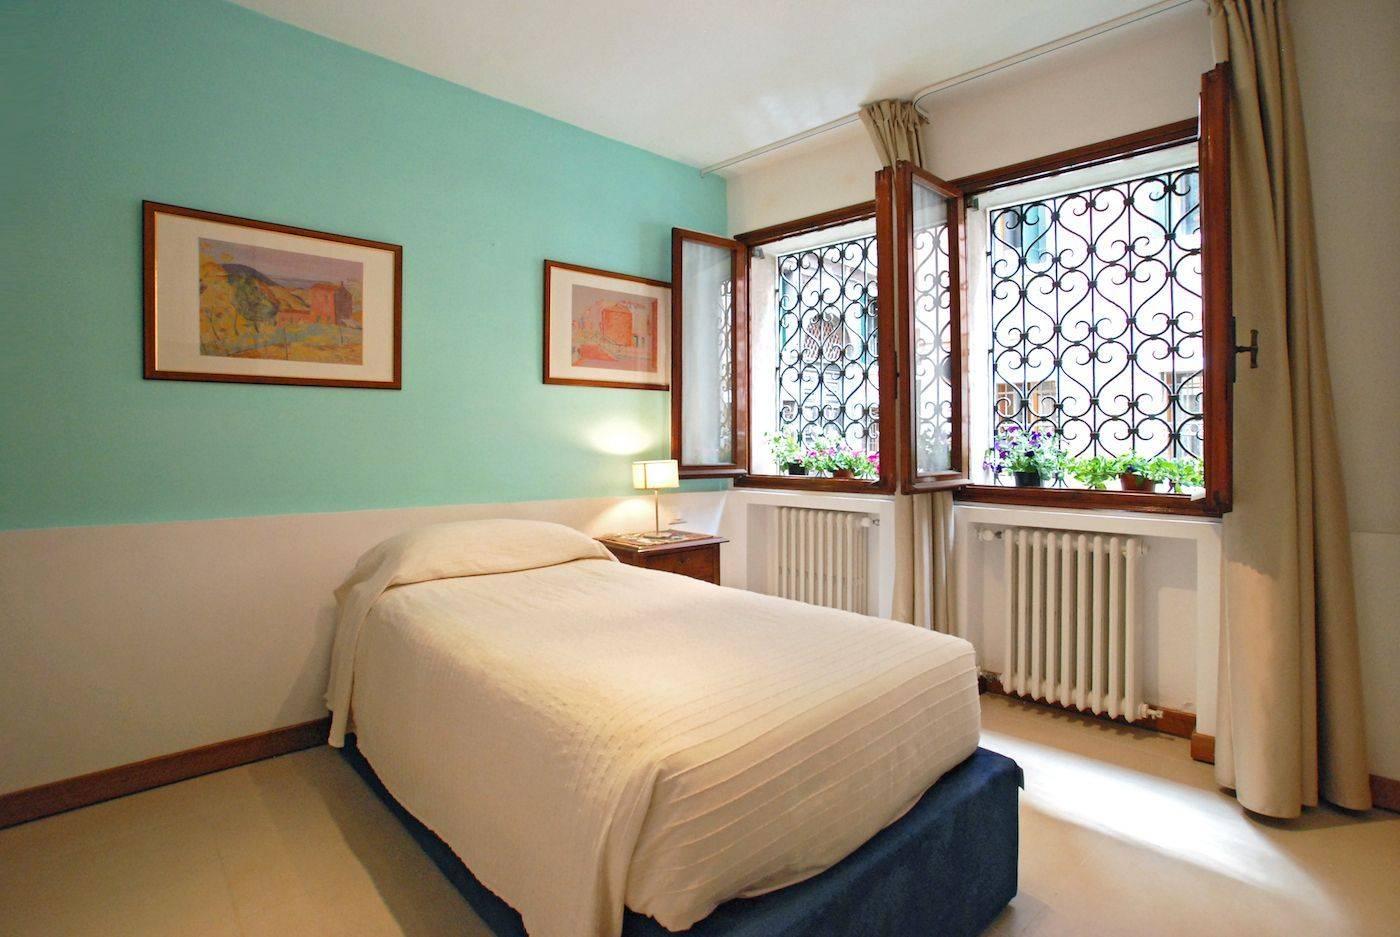 Angelo Michele bedroom single or twin